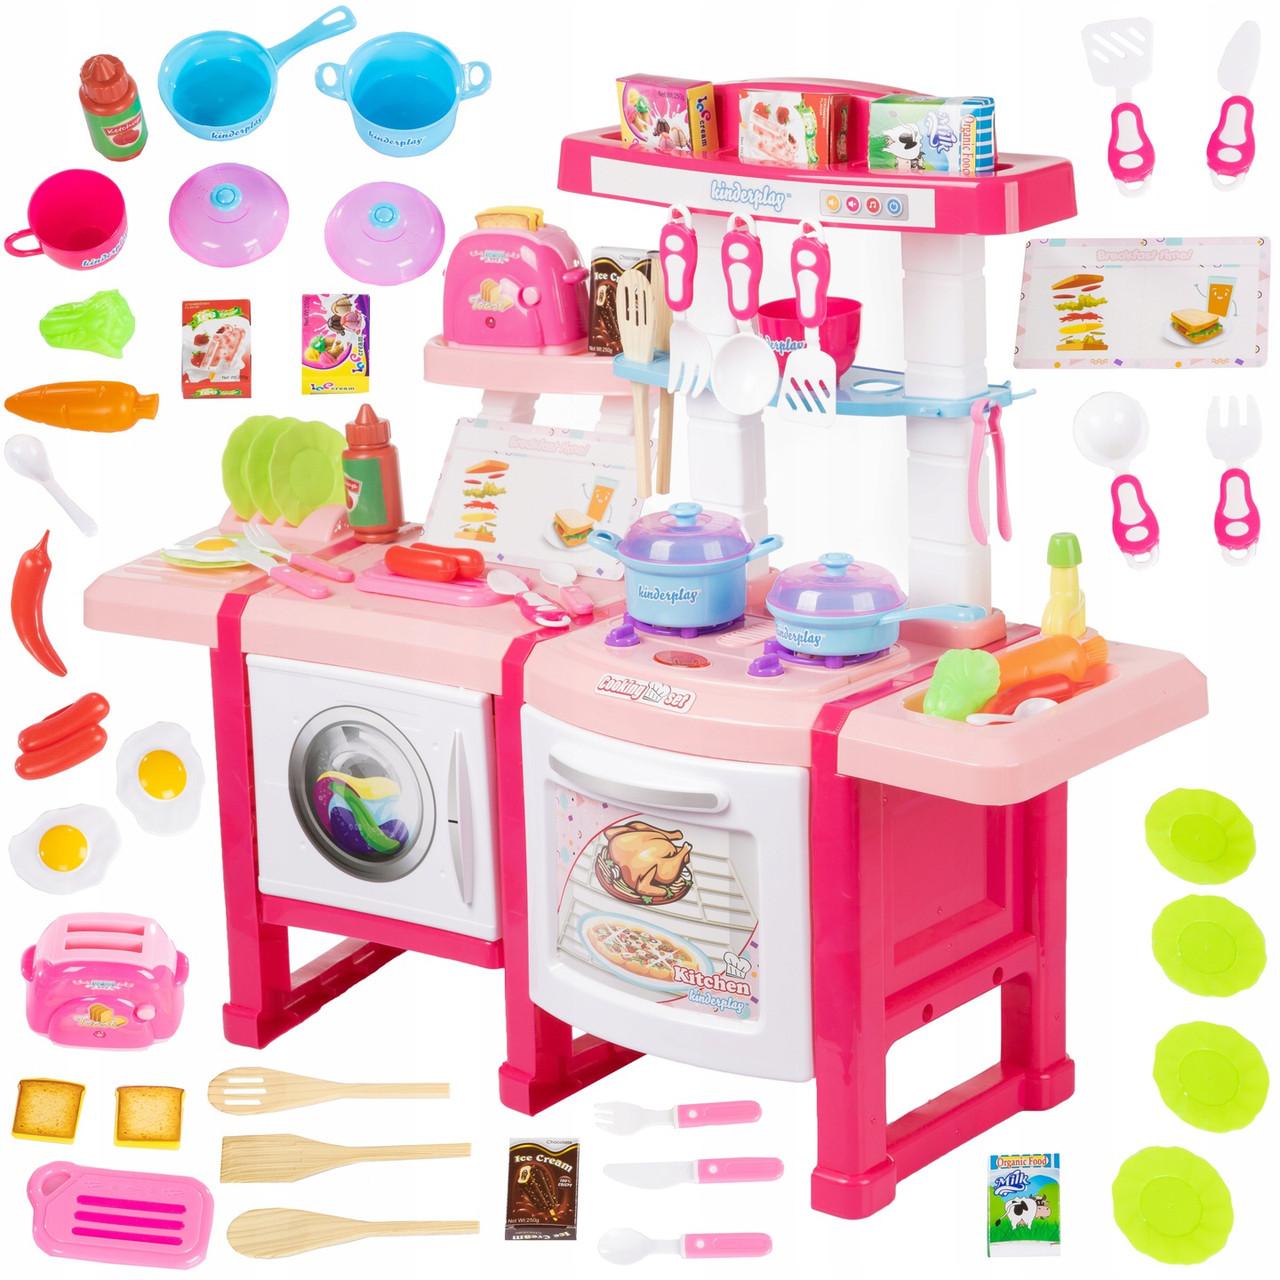 Детская интерактивная кухня Kinderplay KP6030 60 см